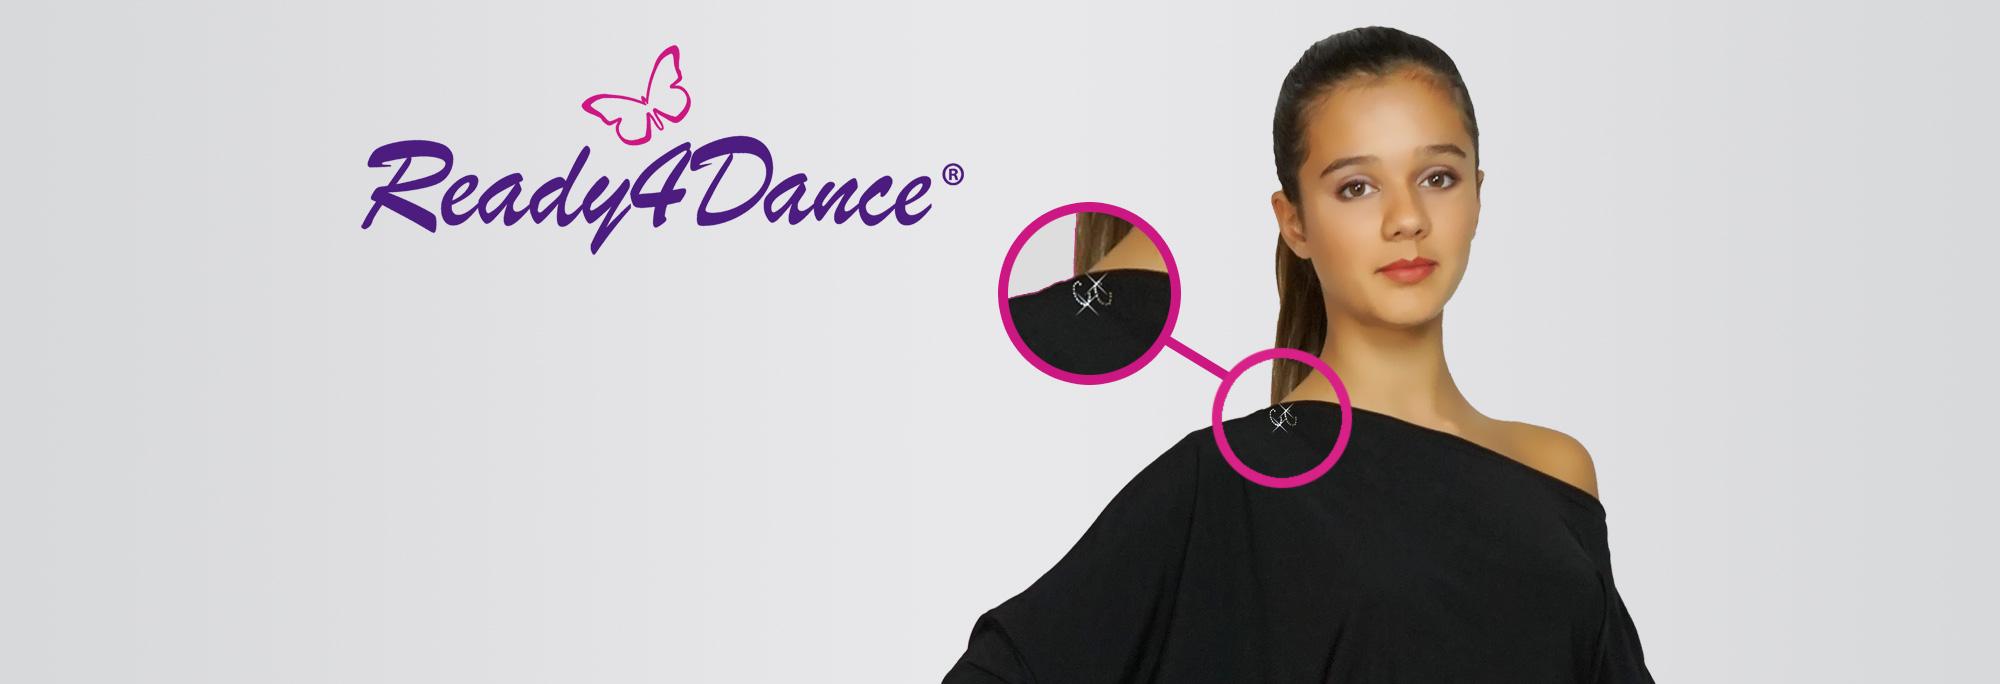 Ready 4 Dance - Personalizza il tuo capo